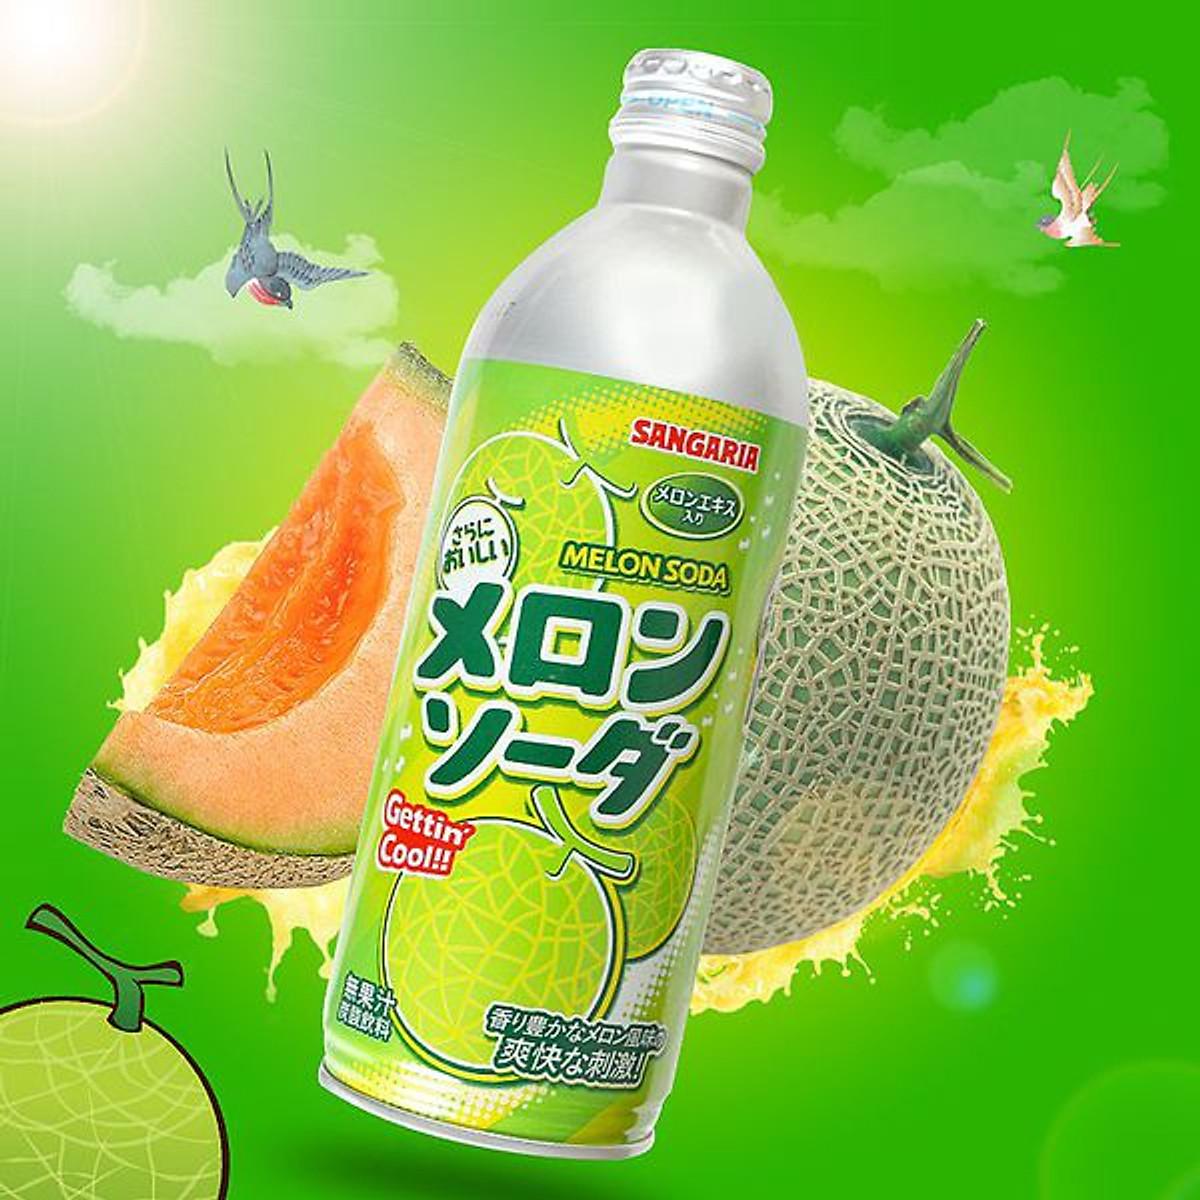 Combo 6 chai Nước Soda Sangaria Melon 500gr (Vị Dưa lưới) | Tiki